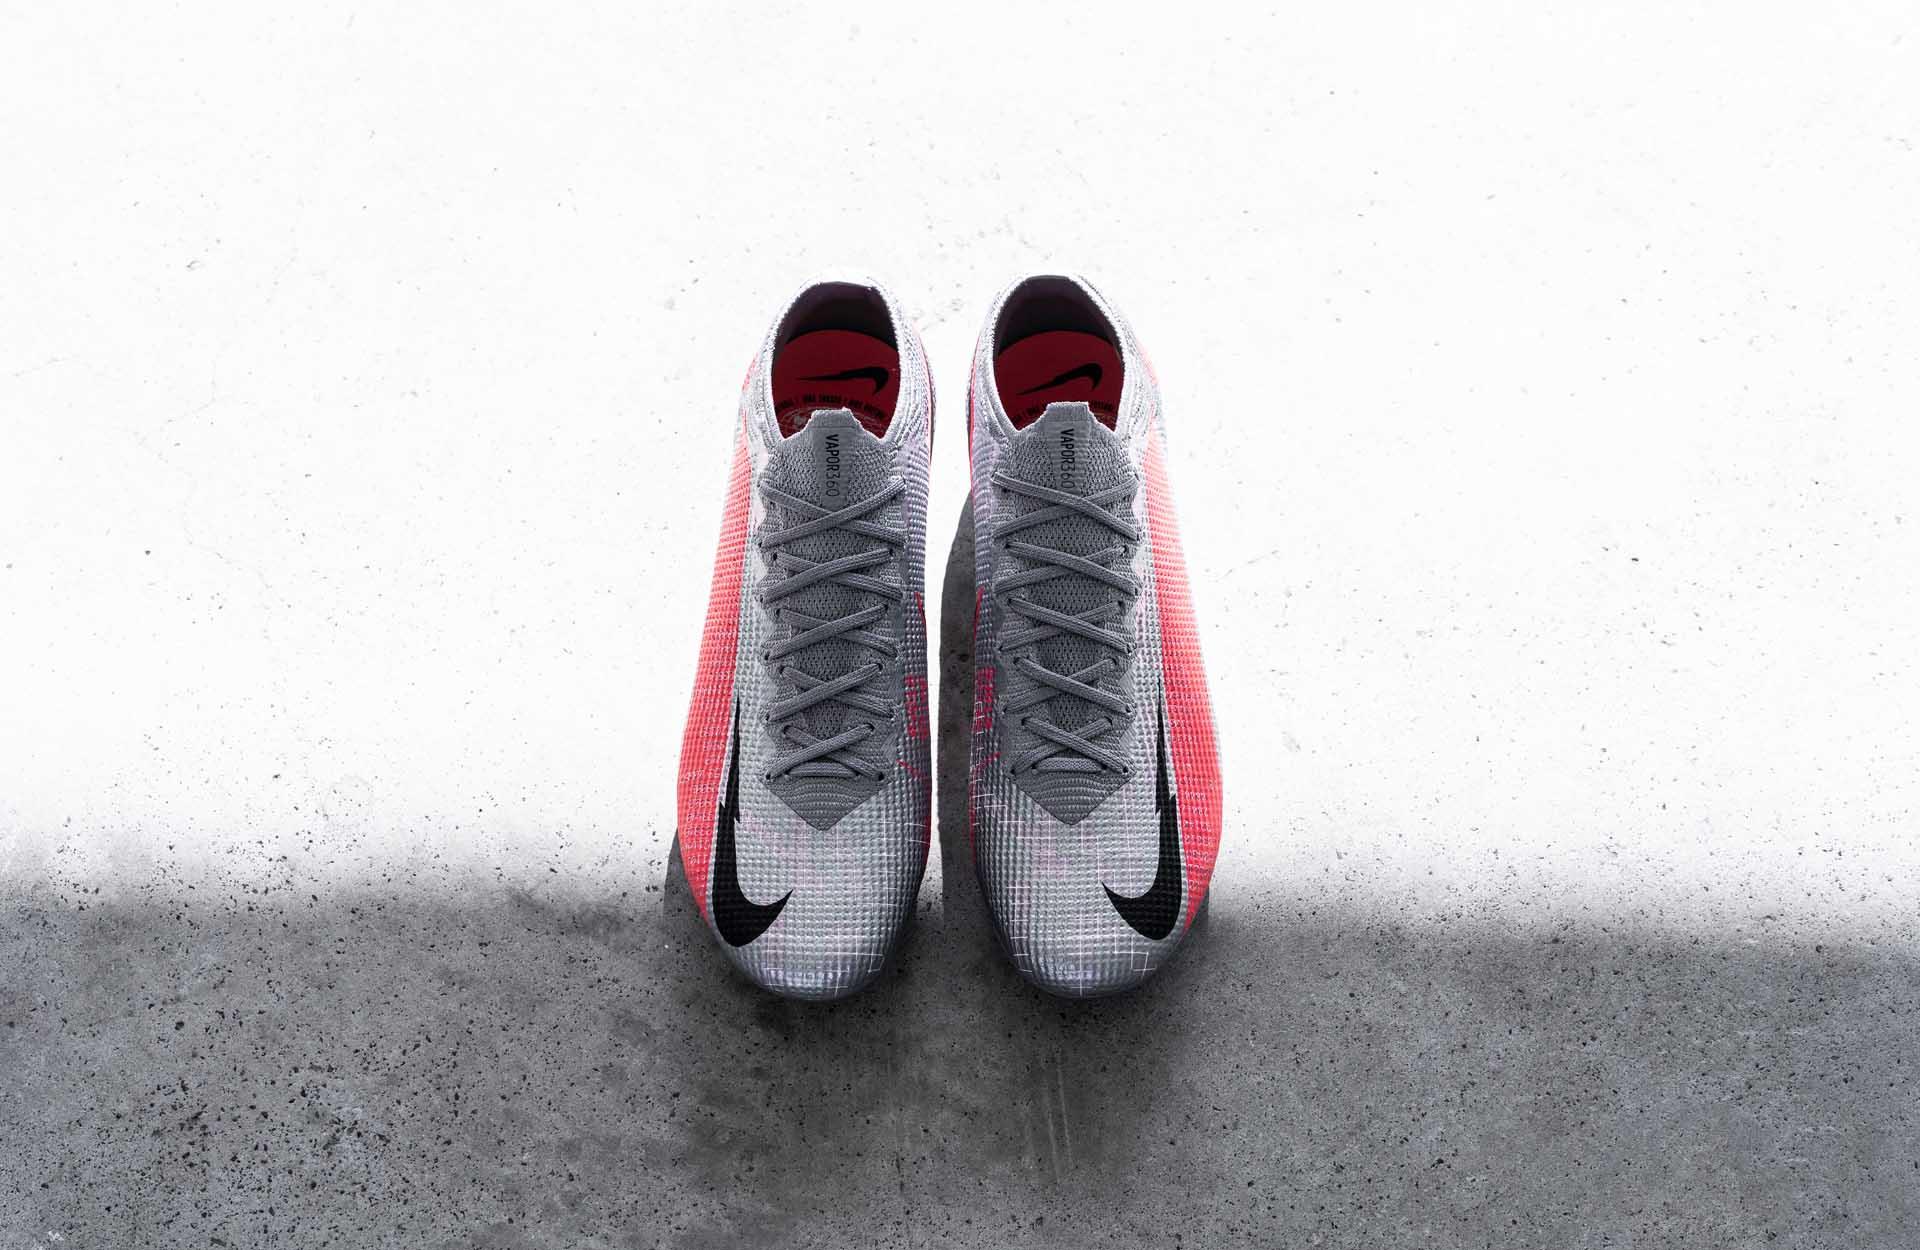 Vẻ đẹp của giày bóng đá Nike Neighbourhood Pack